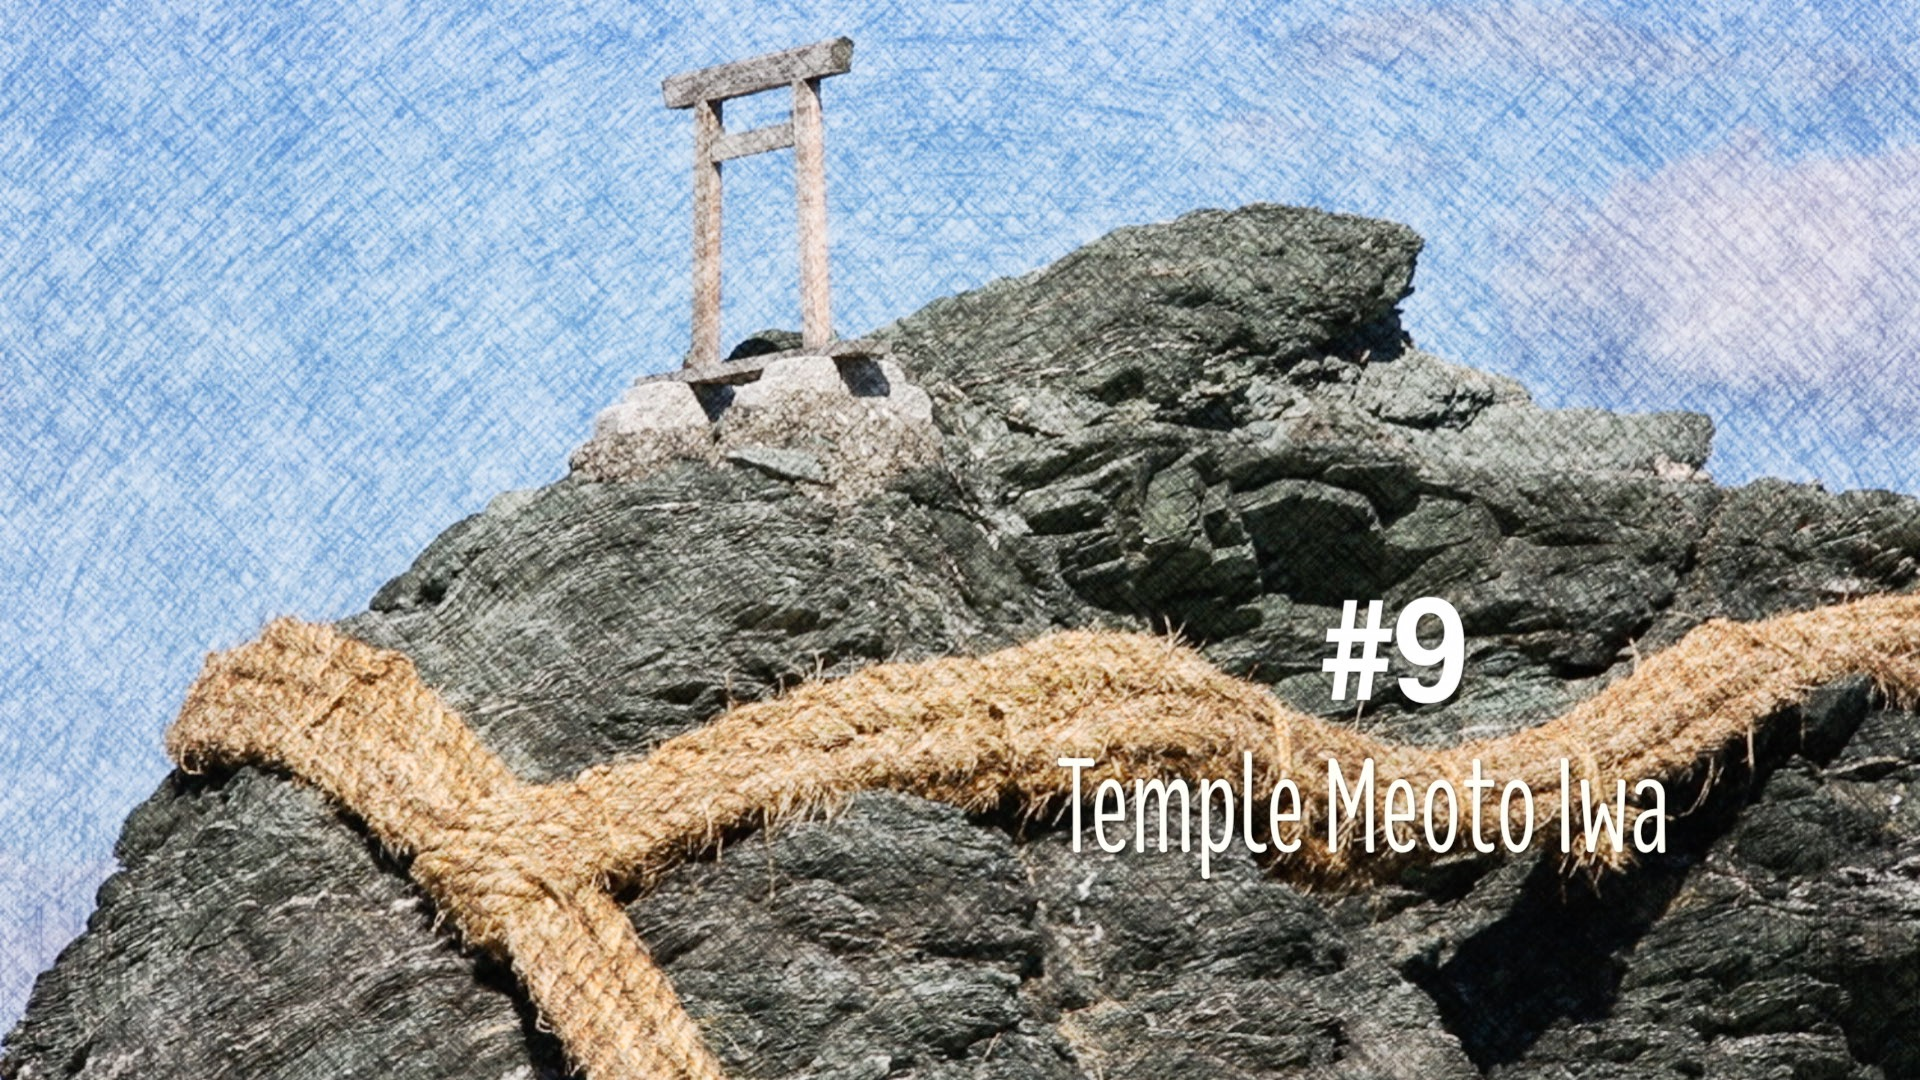 Le sanctuaire de Meoto Iwa à coté de la ville d'Ise (#9)